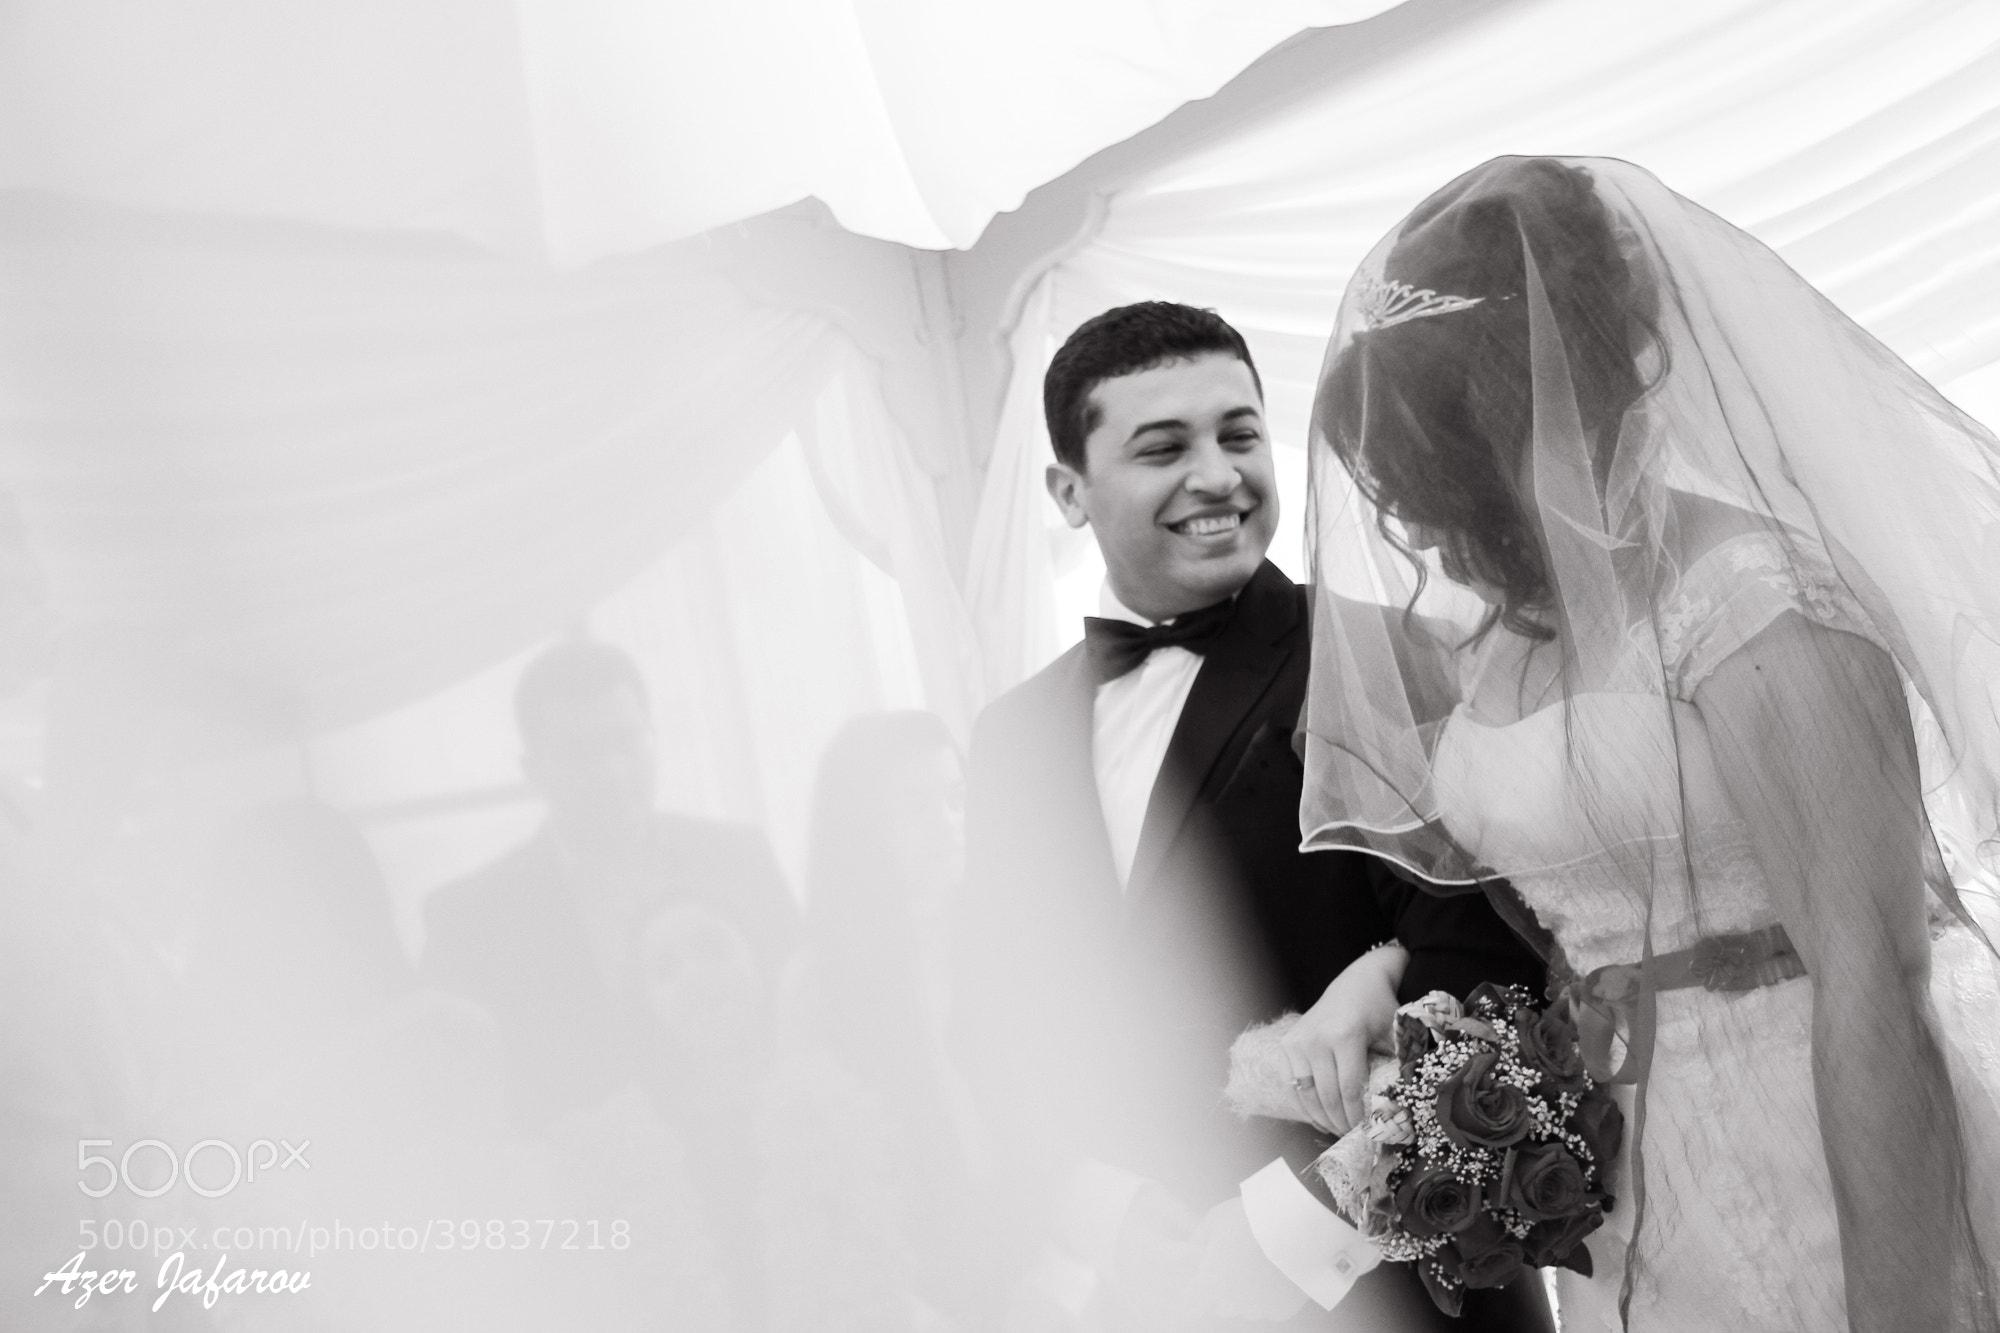 Photograph Wedding by Azer Jafarov by Azer Jafarov on 500px